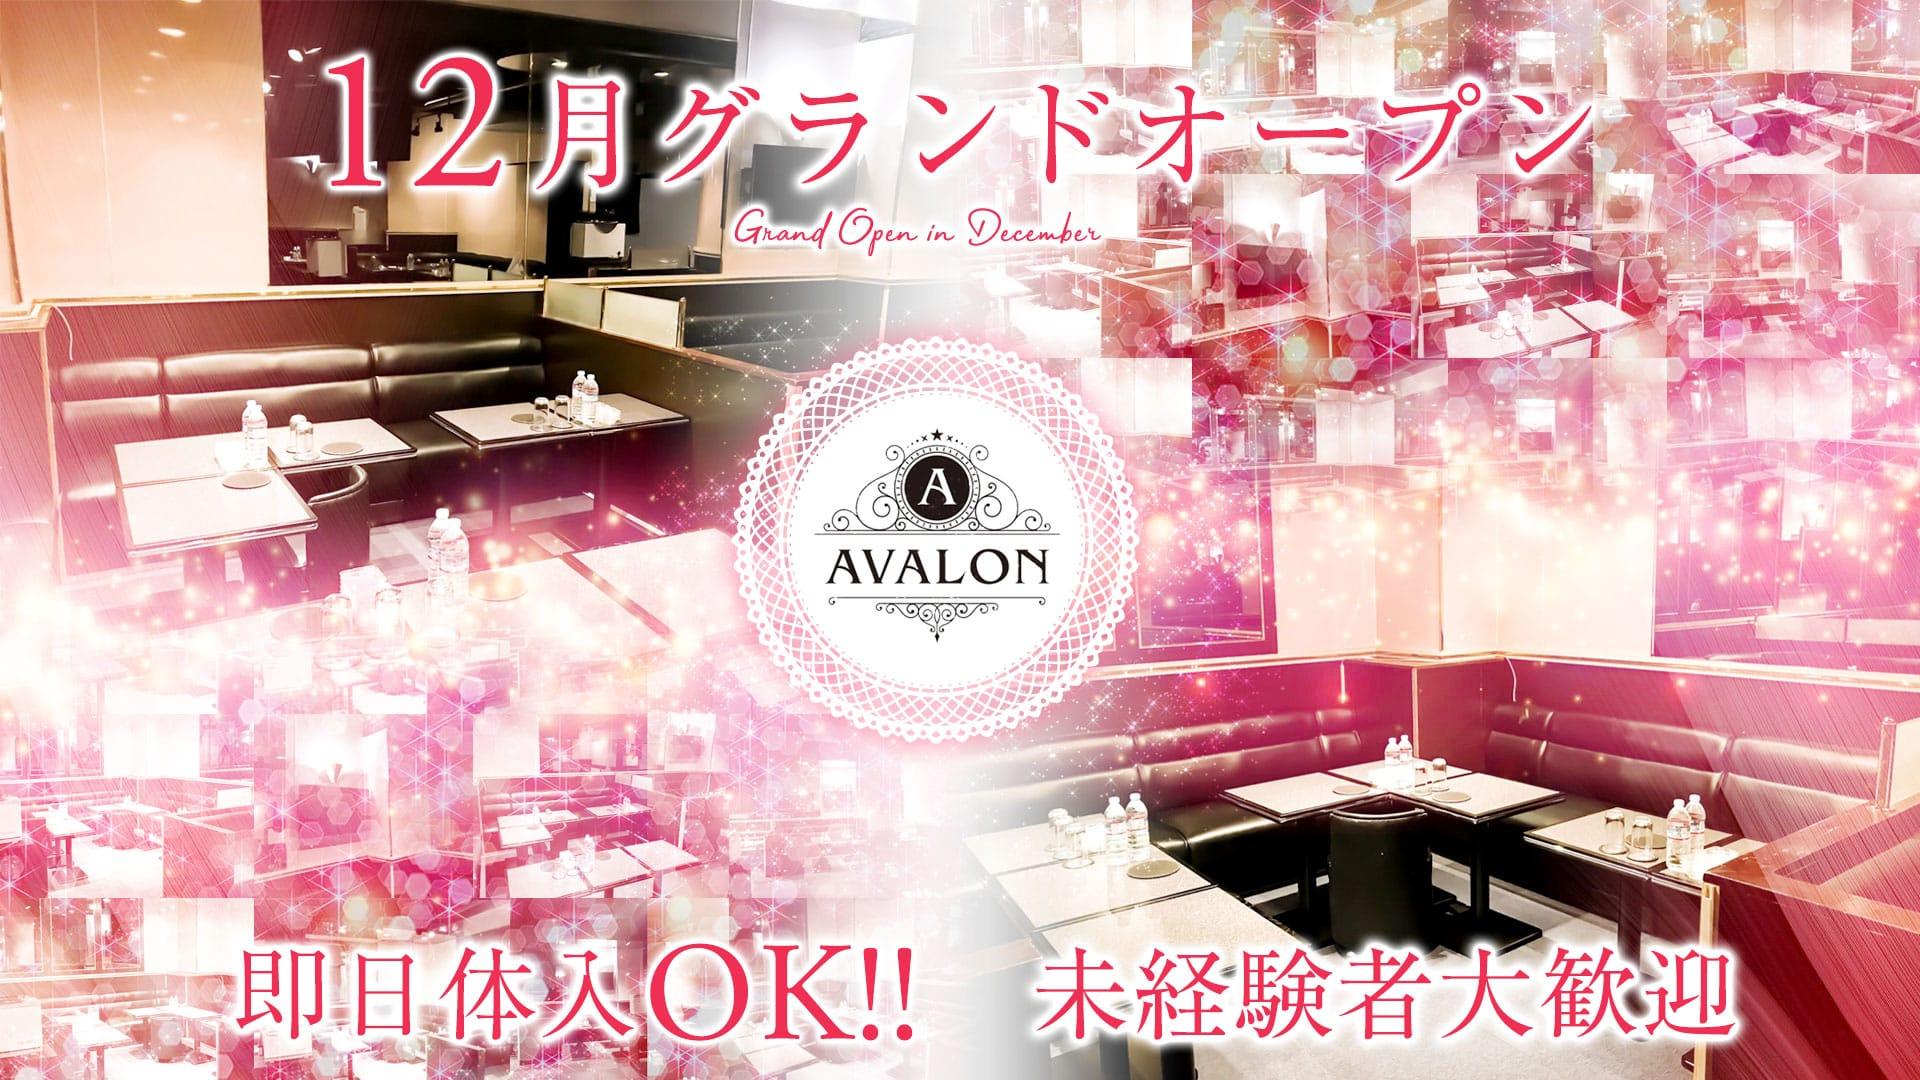 AVALON(アヴァロン) TOP画像